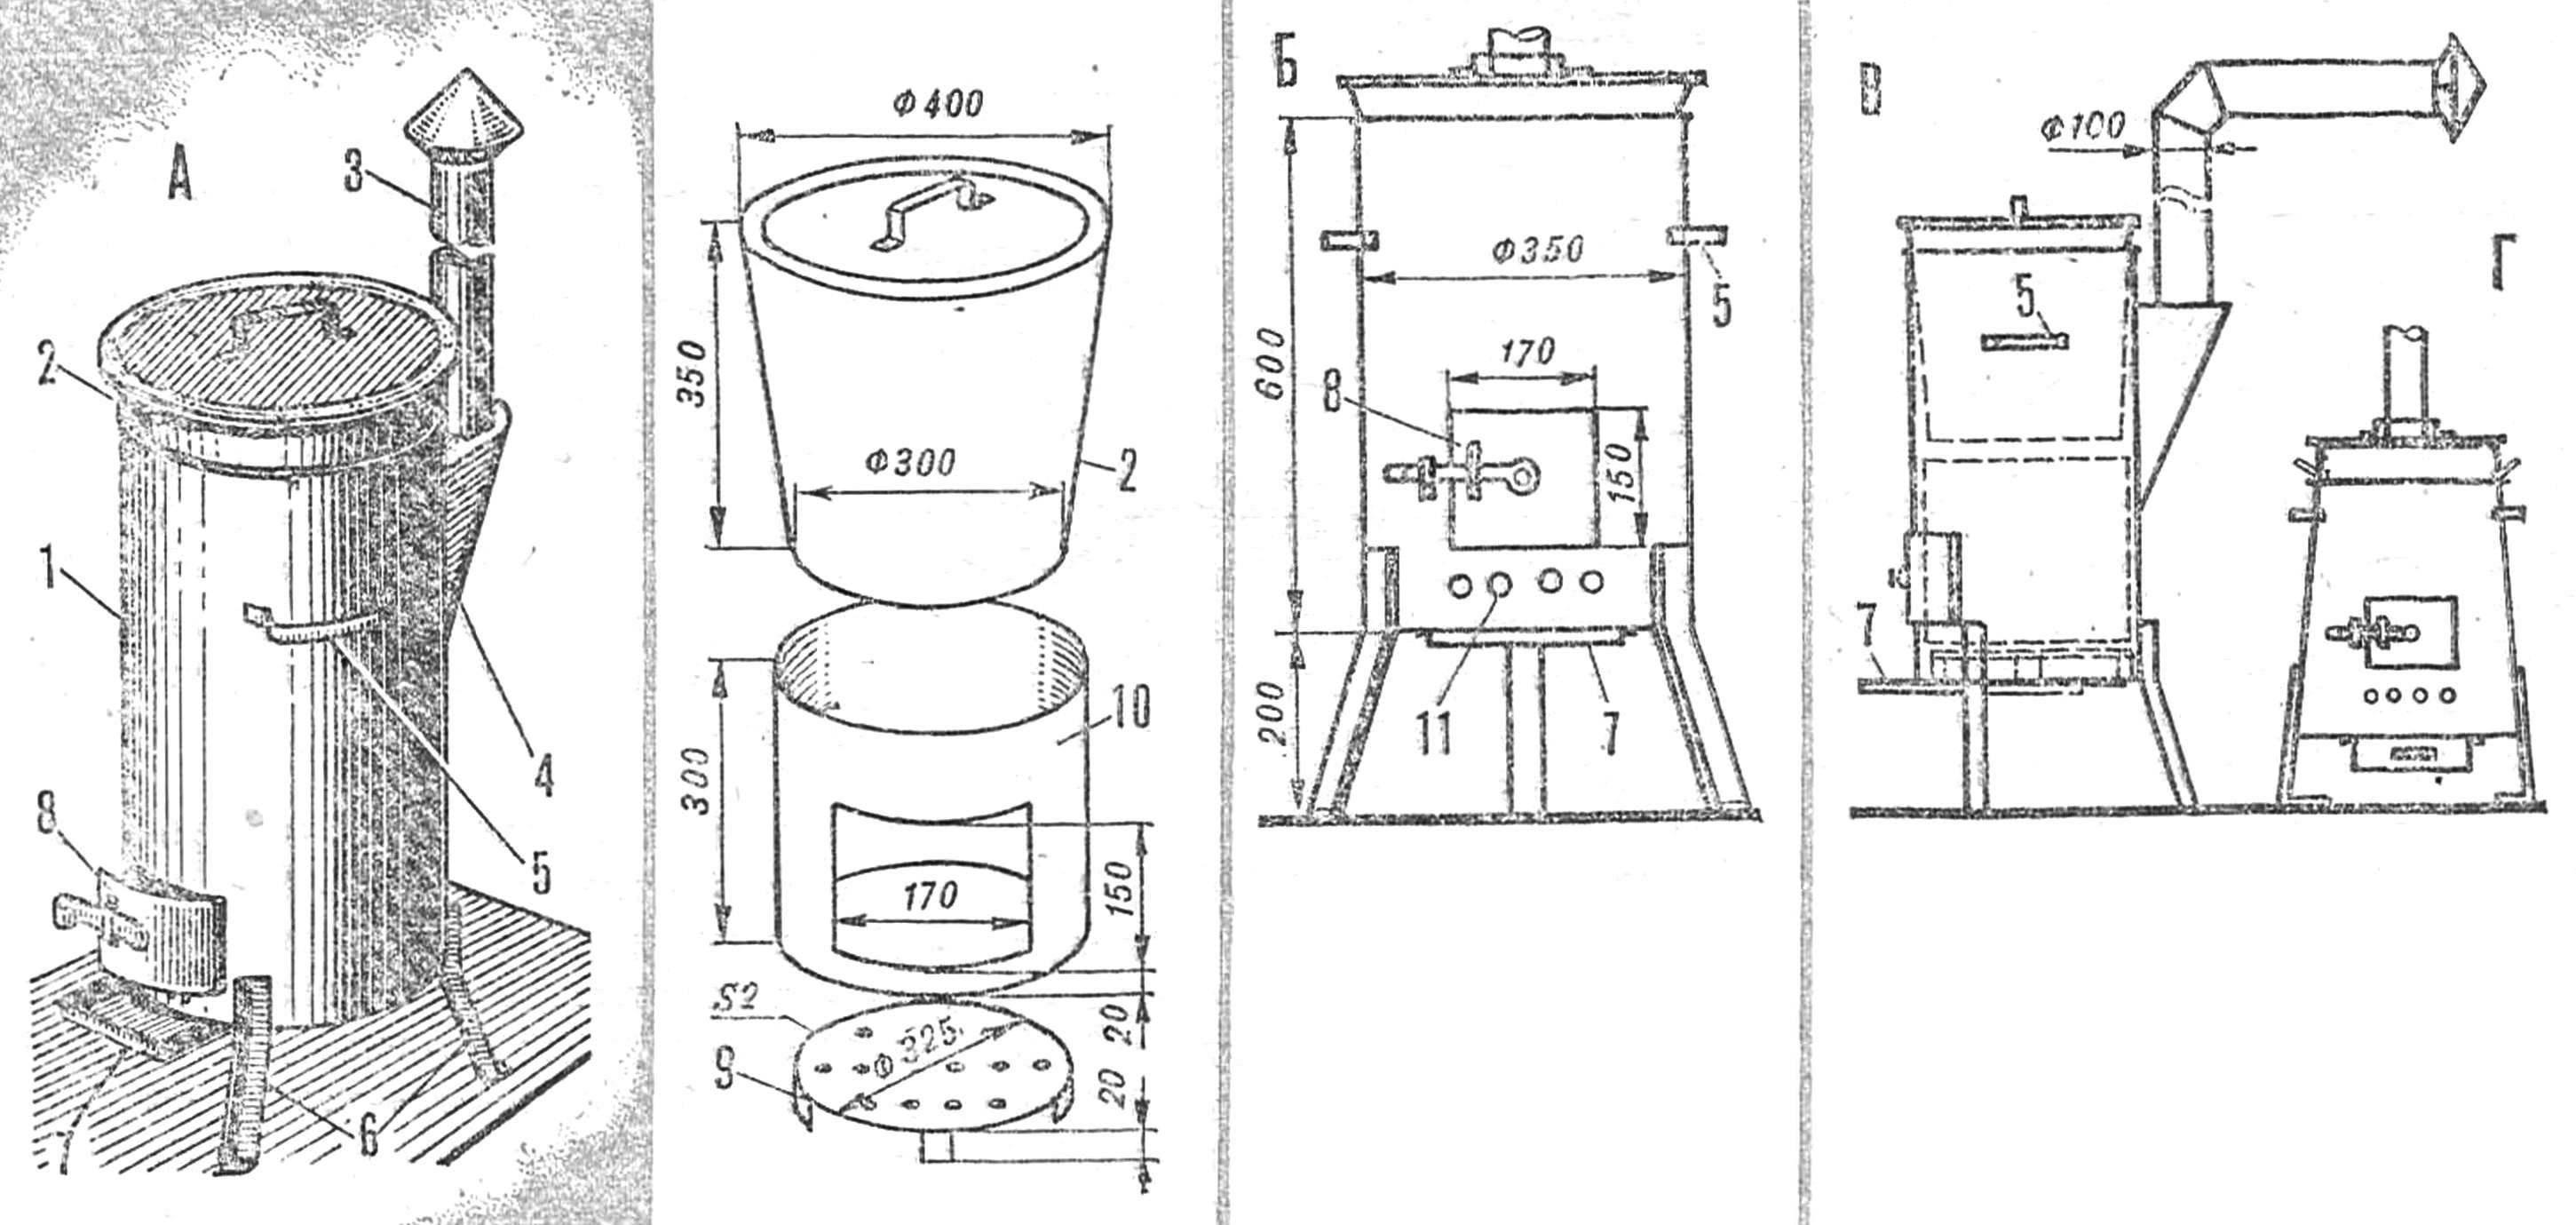 Fig. 2. Oven-pressure cooker